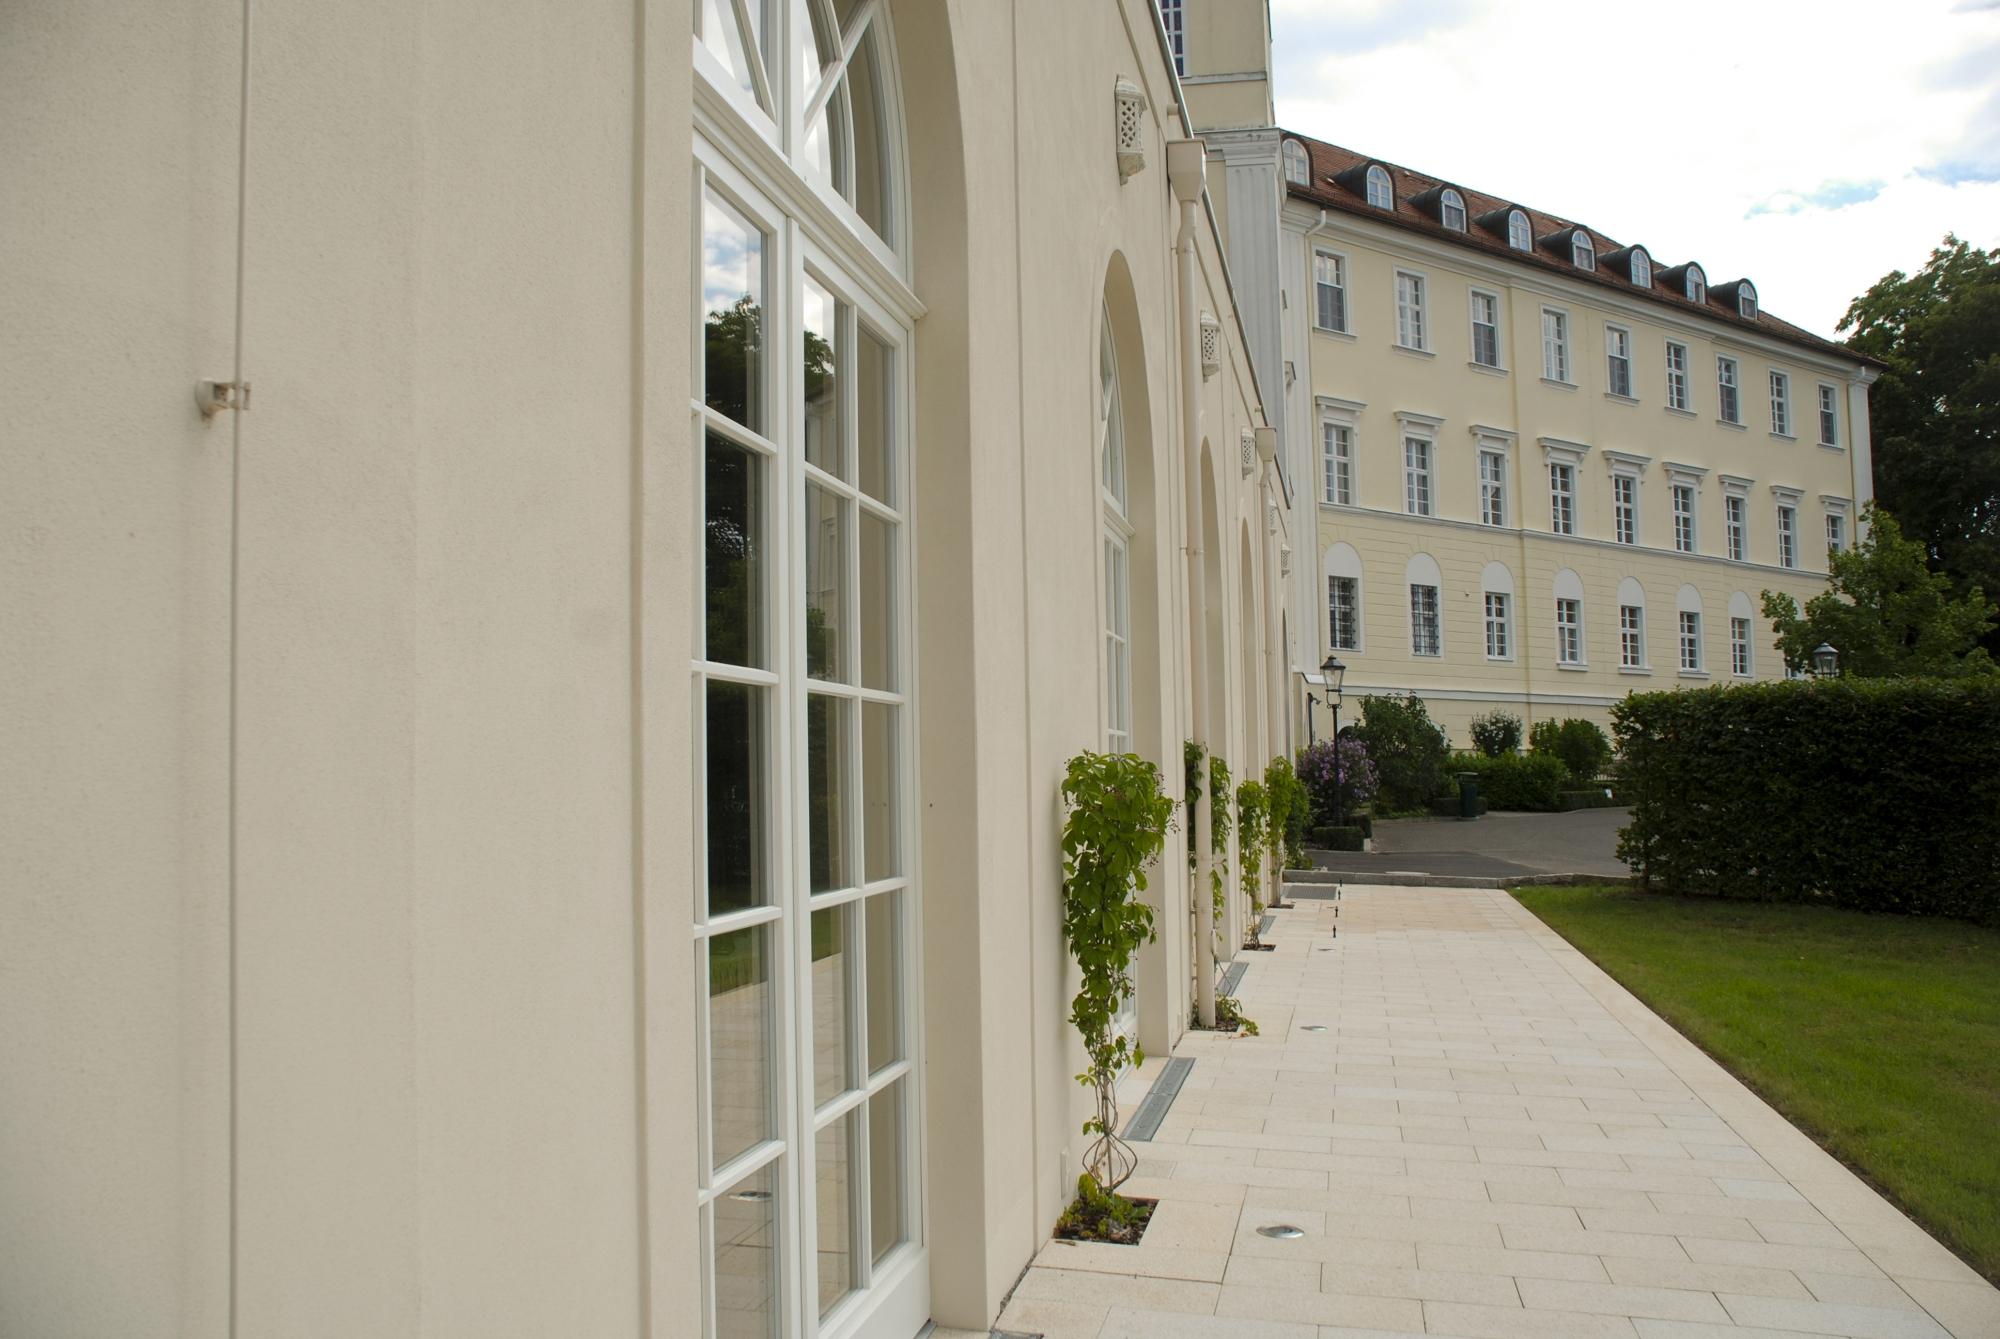 Schloss Hochzeit - Tagungshotel Brandenburg - Heiraten im Spreewald - Schloss Lübbenau im Spreewald